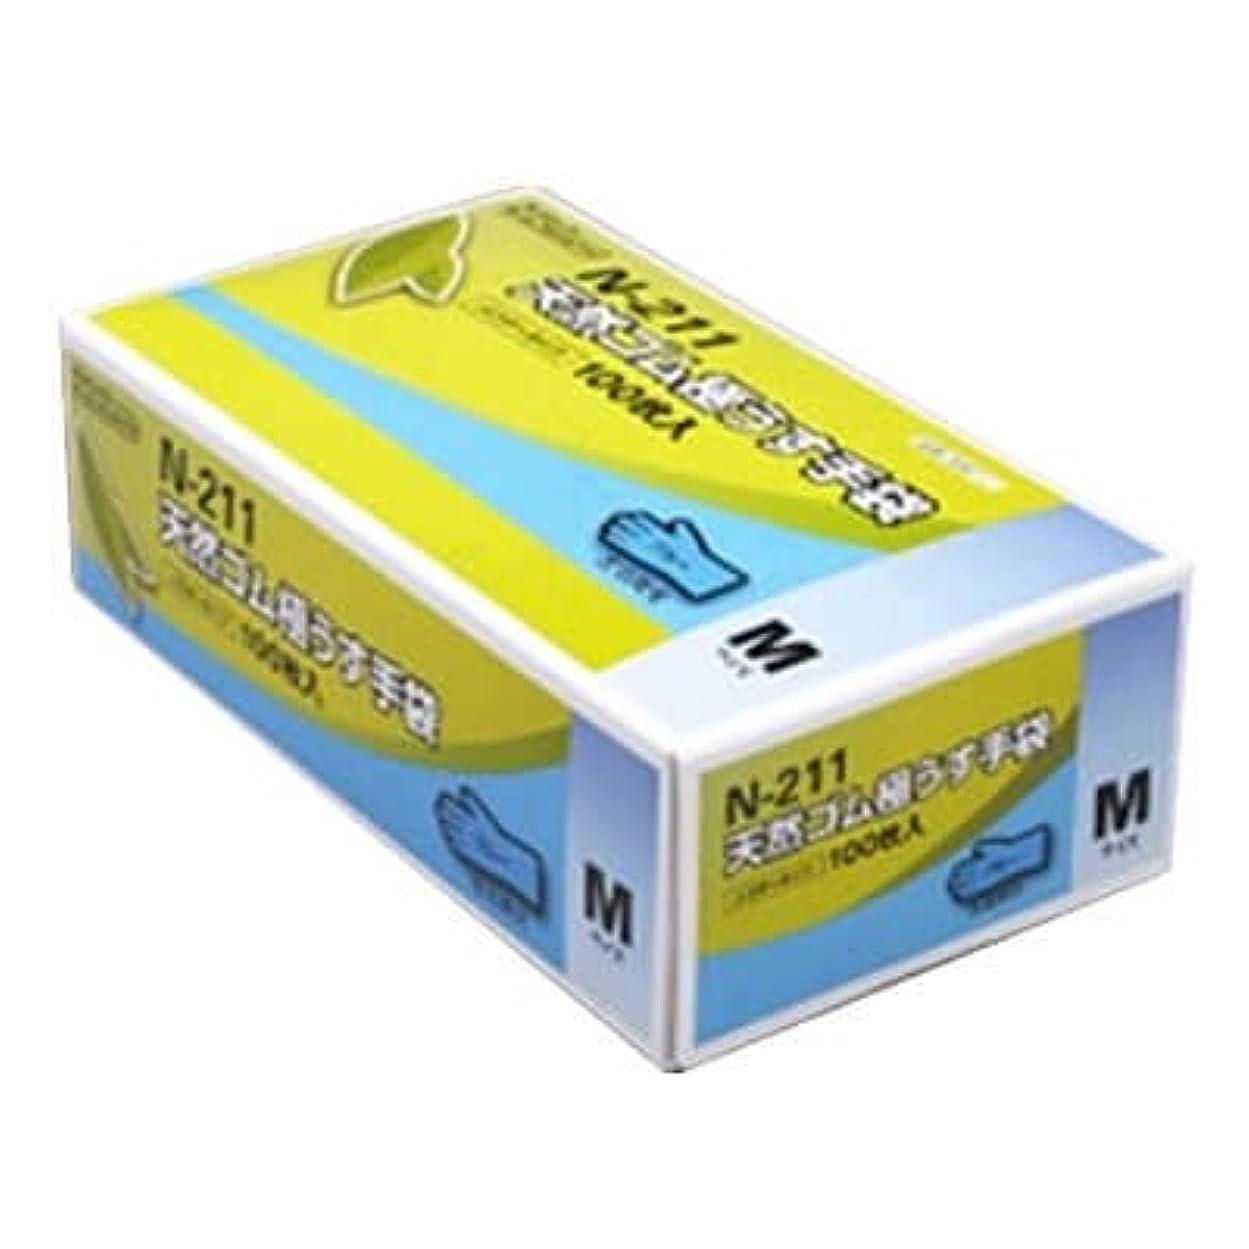 タクシー瞑想市の花【ケース販売】 ダンロップ 天然ゴム極うす手袋 N-211 M ブルー (100枚入×20箱)